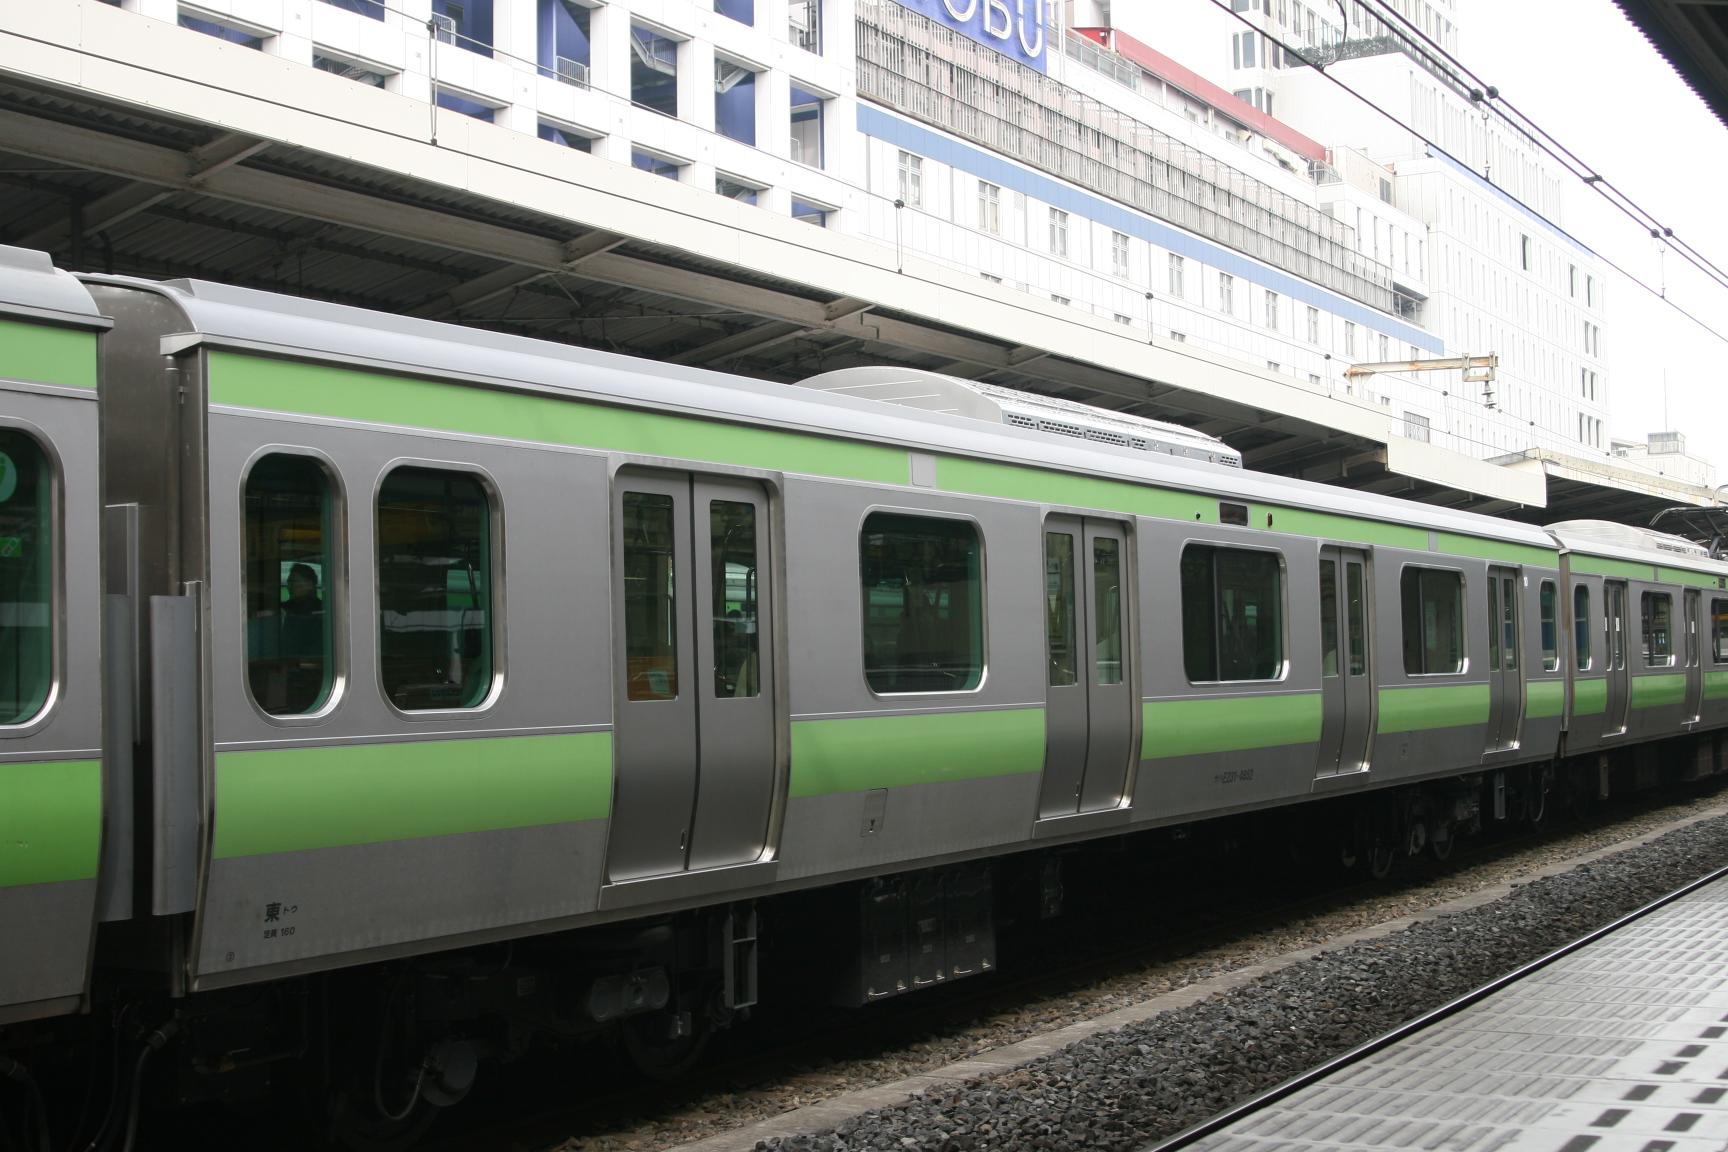 20100219_0667.JPG